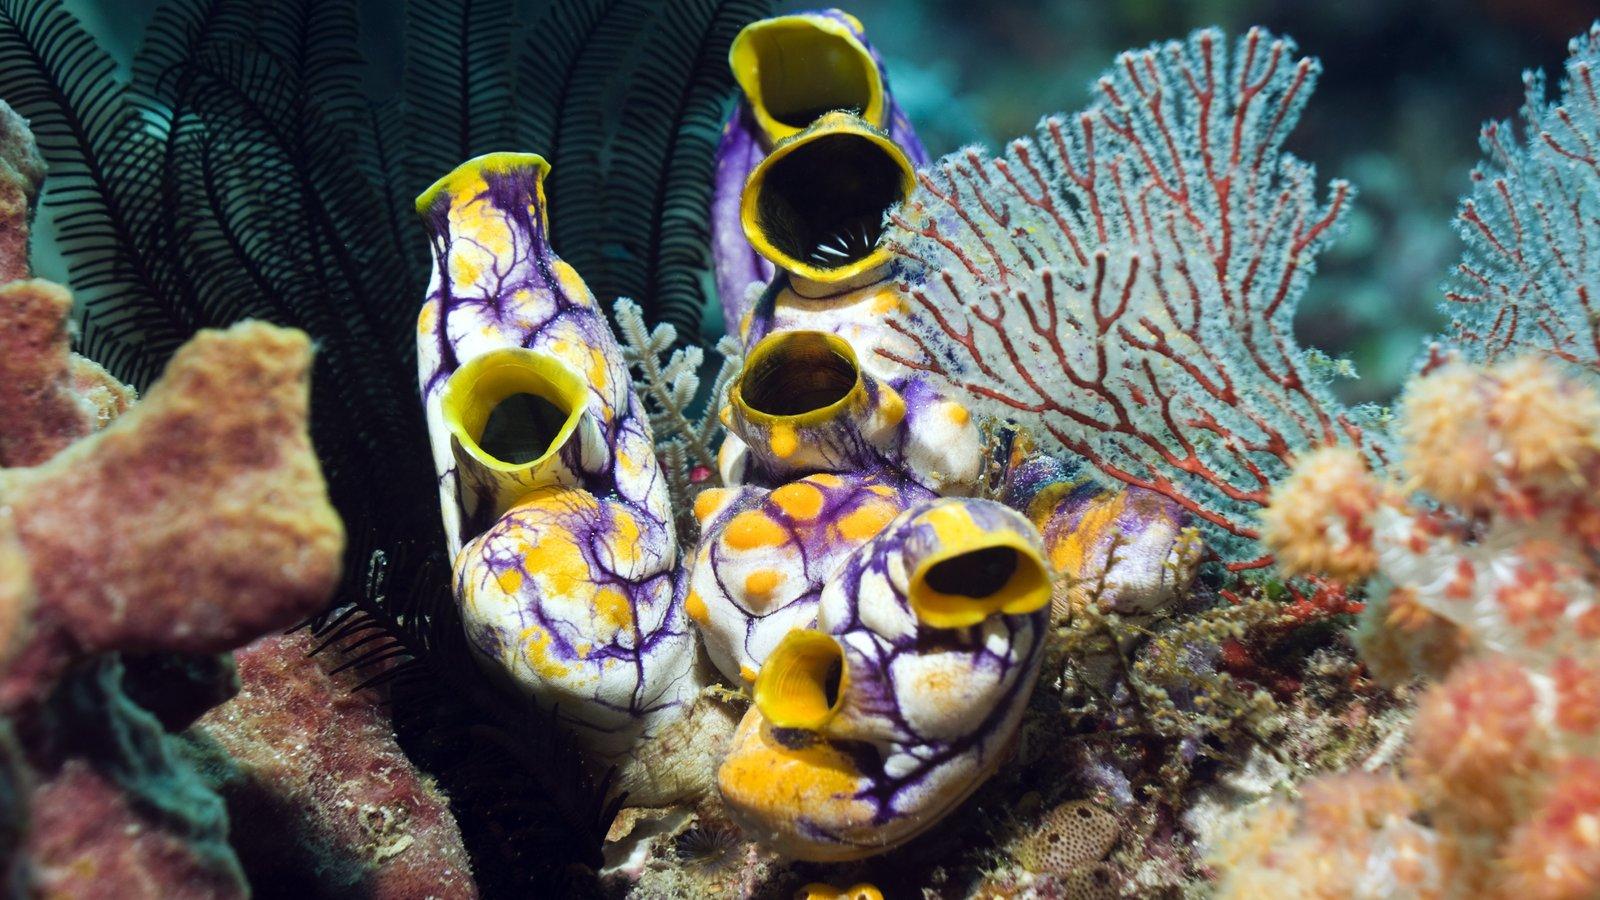 Θάλασσα Επιστήμη Υγεία: Θαλασσινά πλάσματα στο επίκεντρο της επιστημονικής μελέτης για τη θεραπεία του καρκίνου